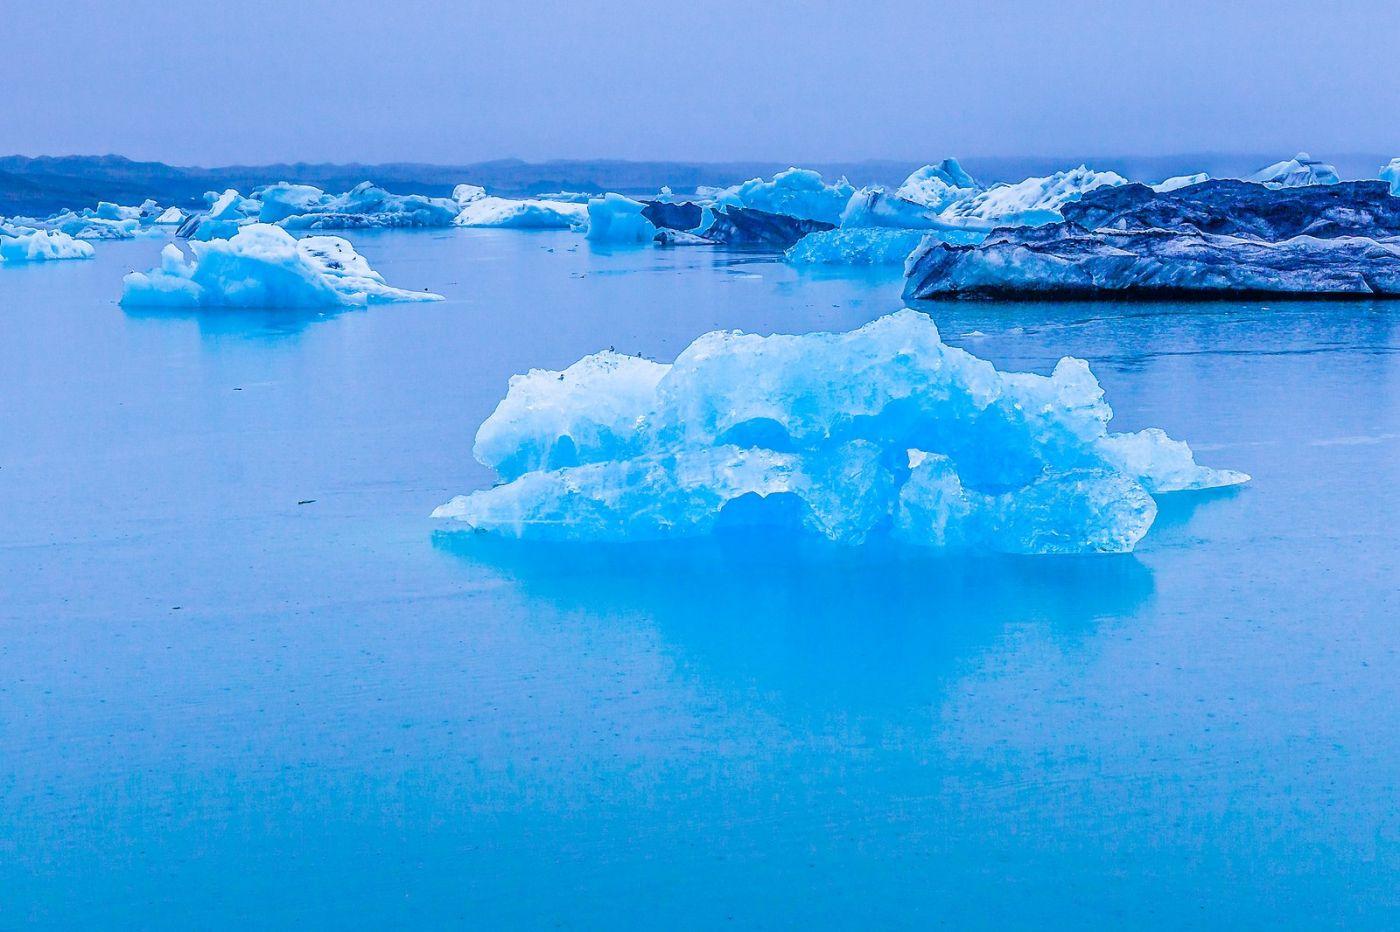 冰岛冰川泻湖(Glacier Lagoon),自然雕塑_图1-22